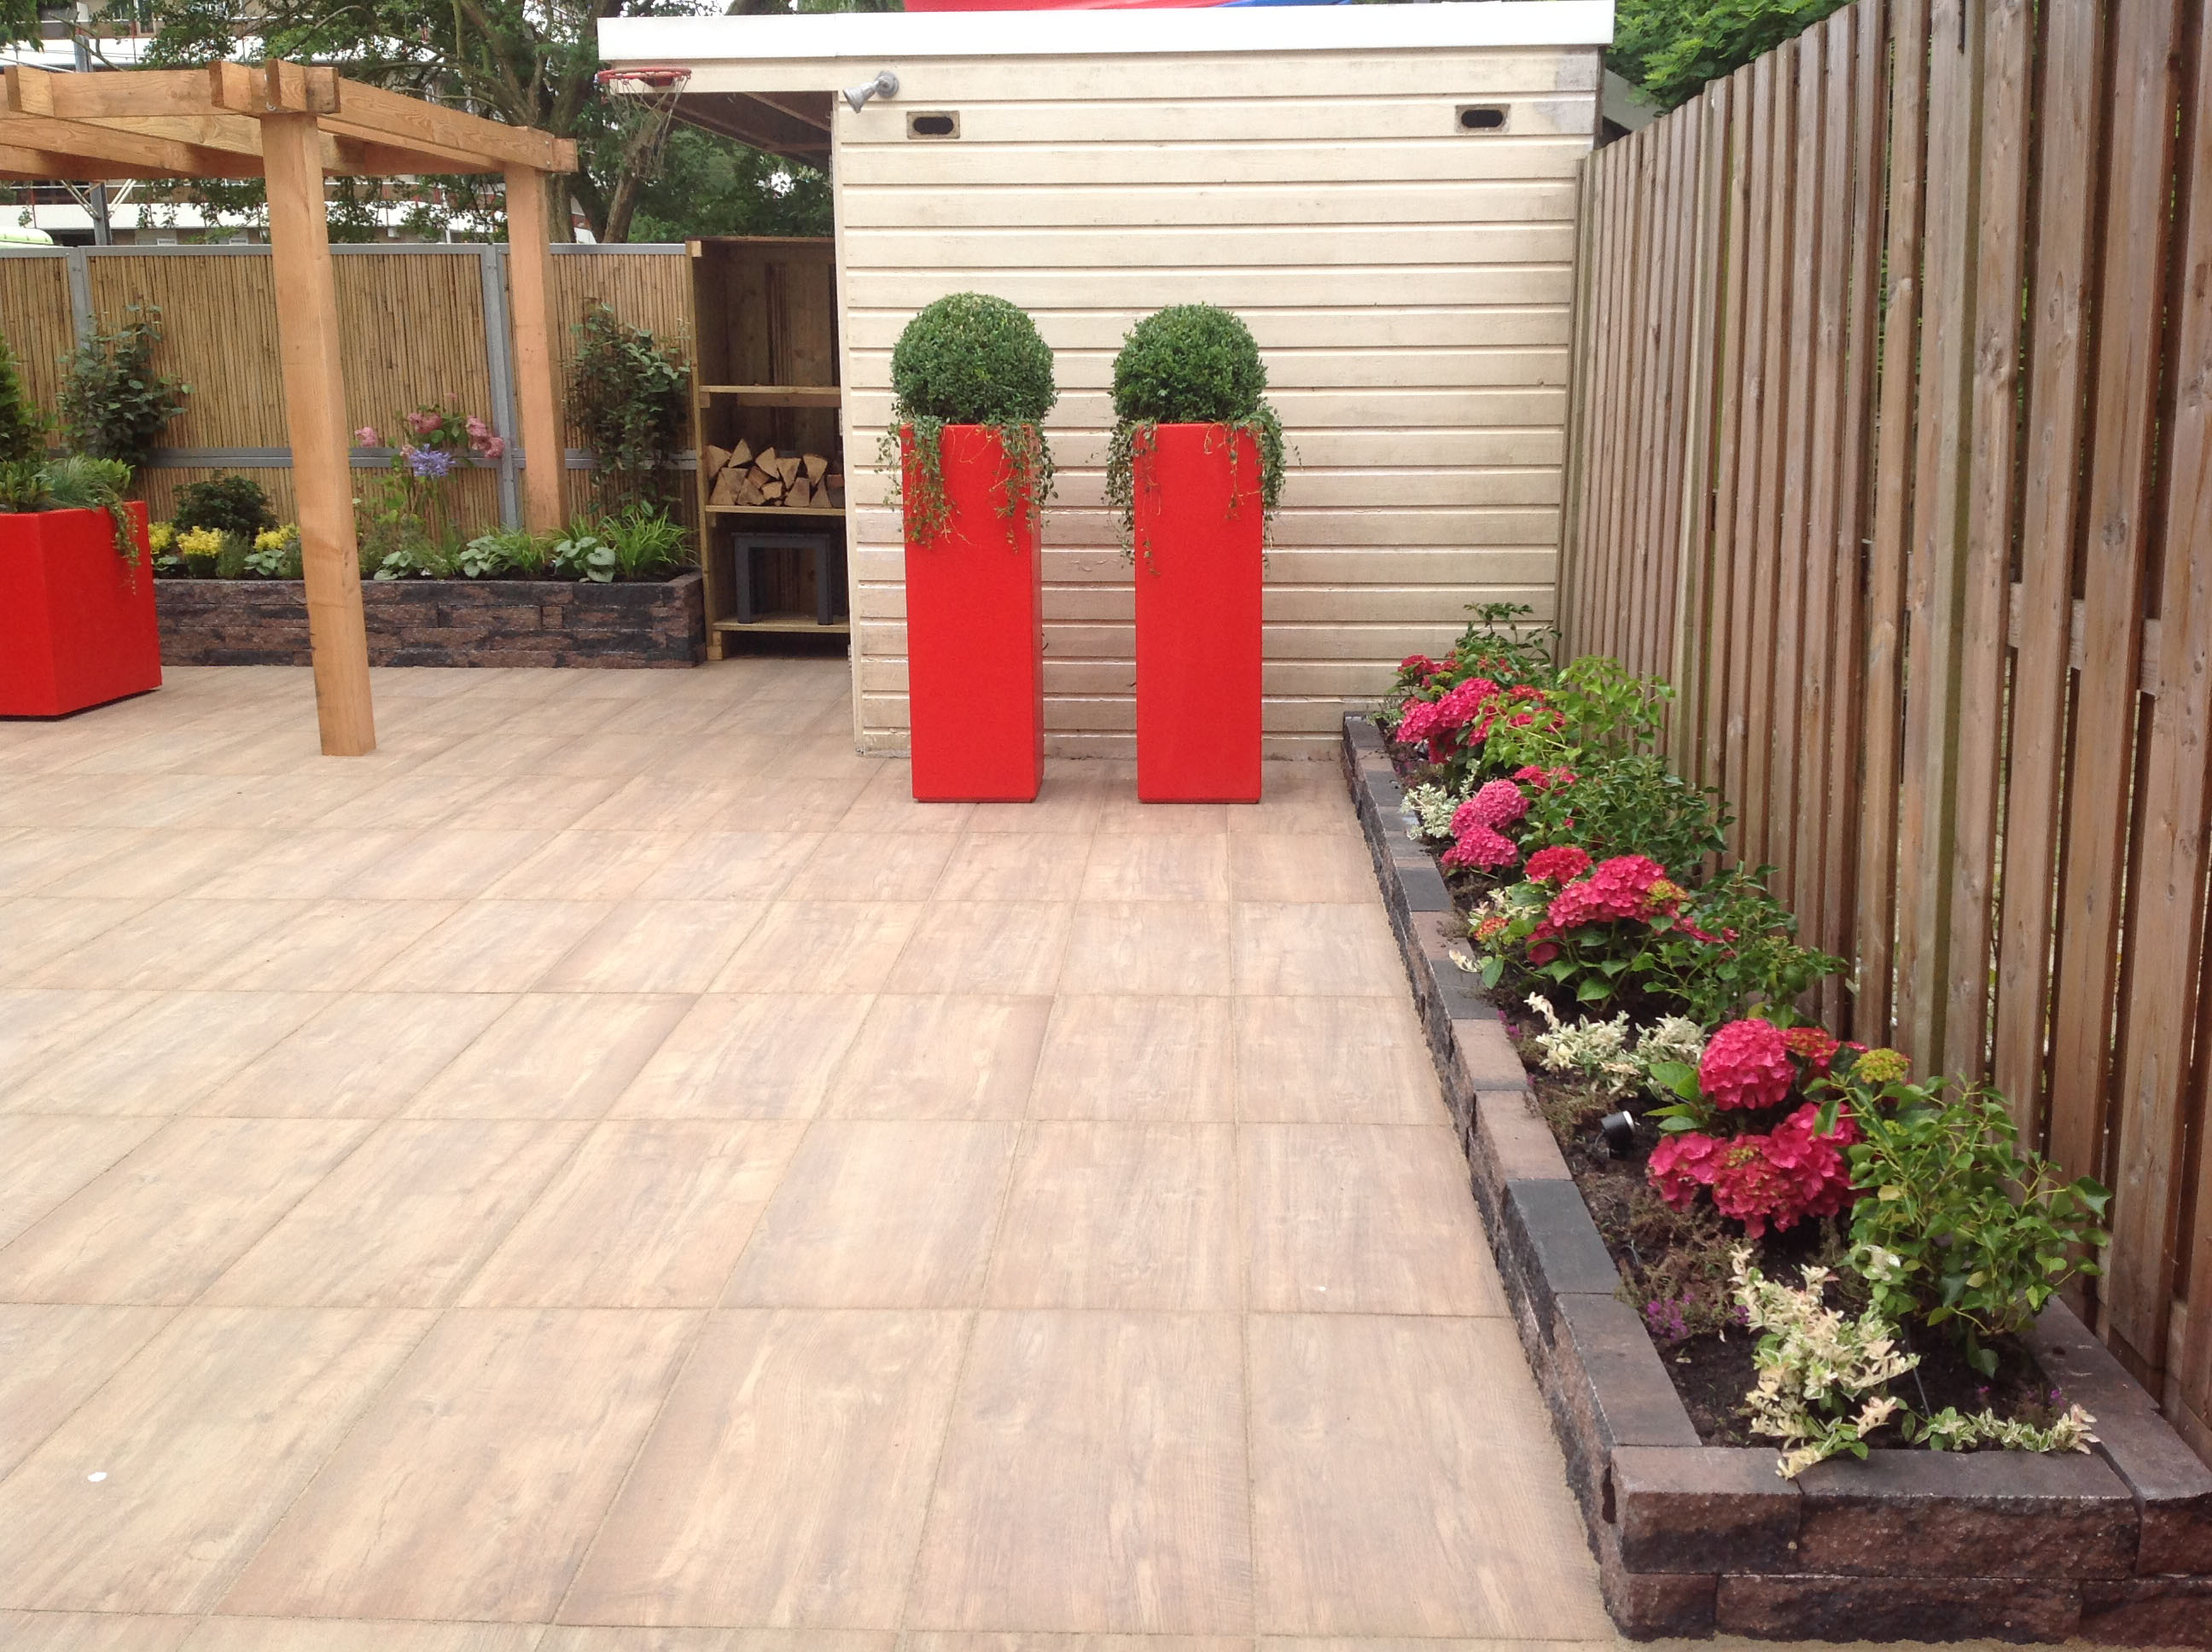 Onderhoudsvriendelijke Tuin Aanleggen : Tuinplus vof tuinontwerp aanleg onderhoud u tuinaanleg